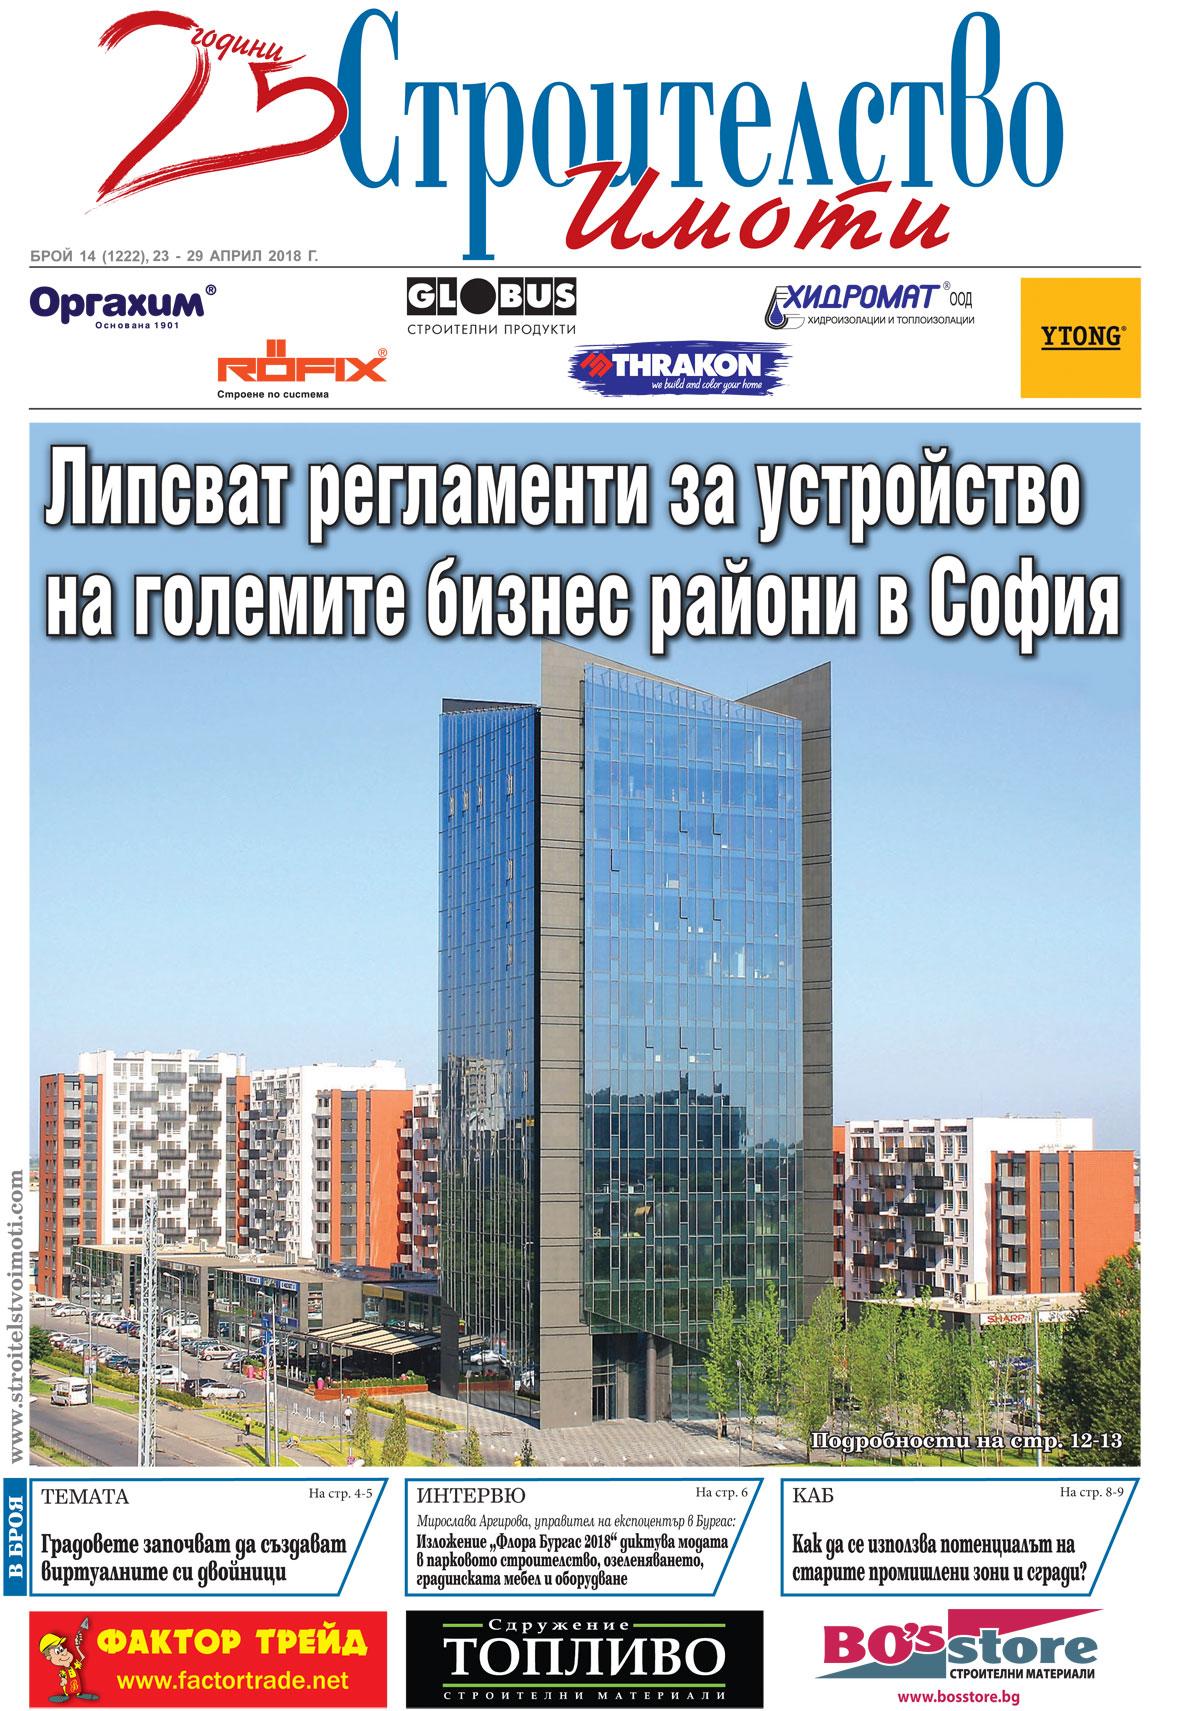 22042018_Stroimoti_014_001